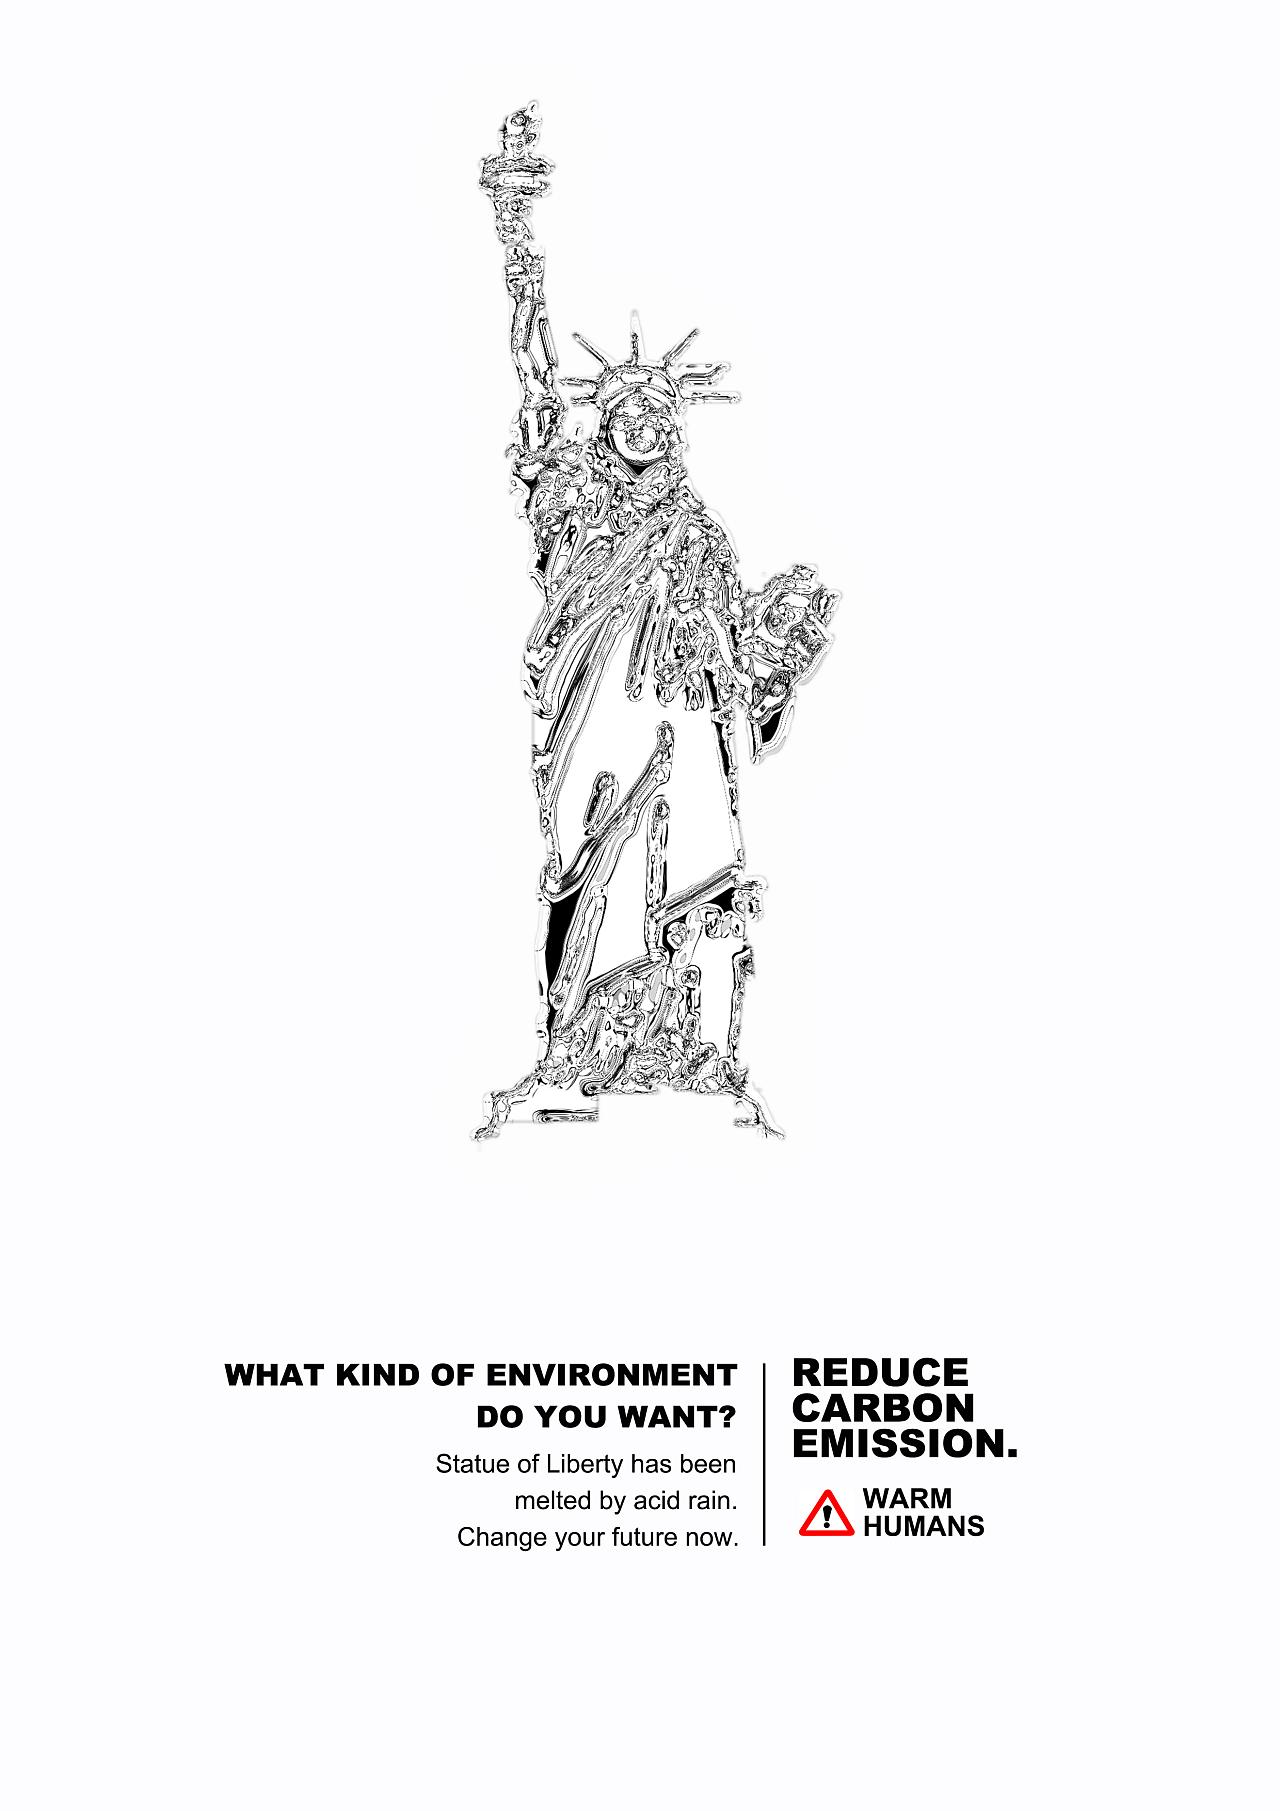 为酸雨做的一张早期环保海报,把自由女神像